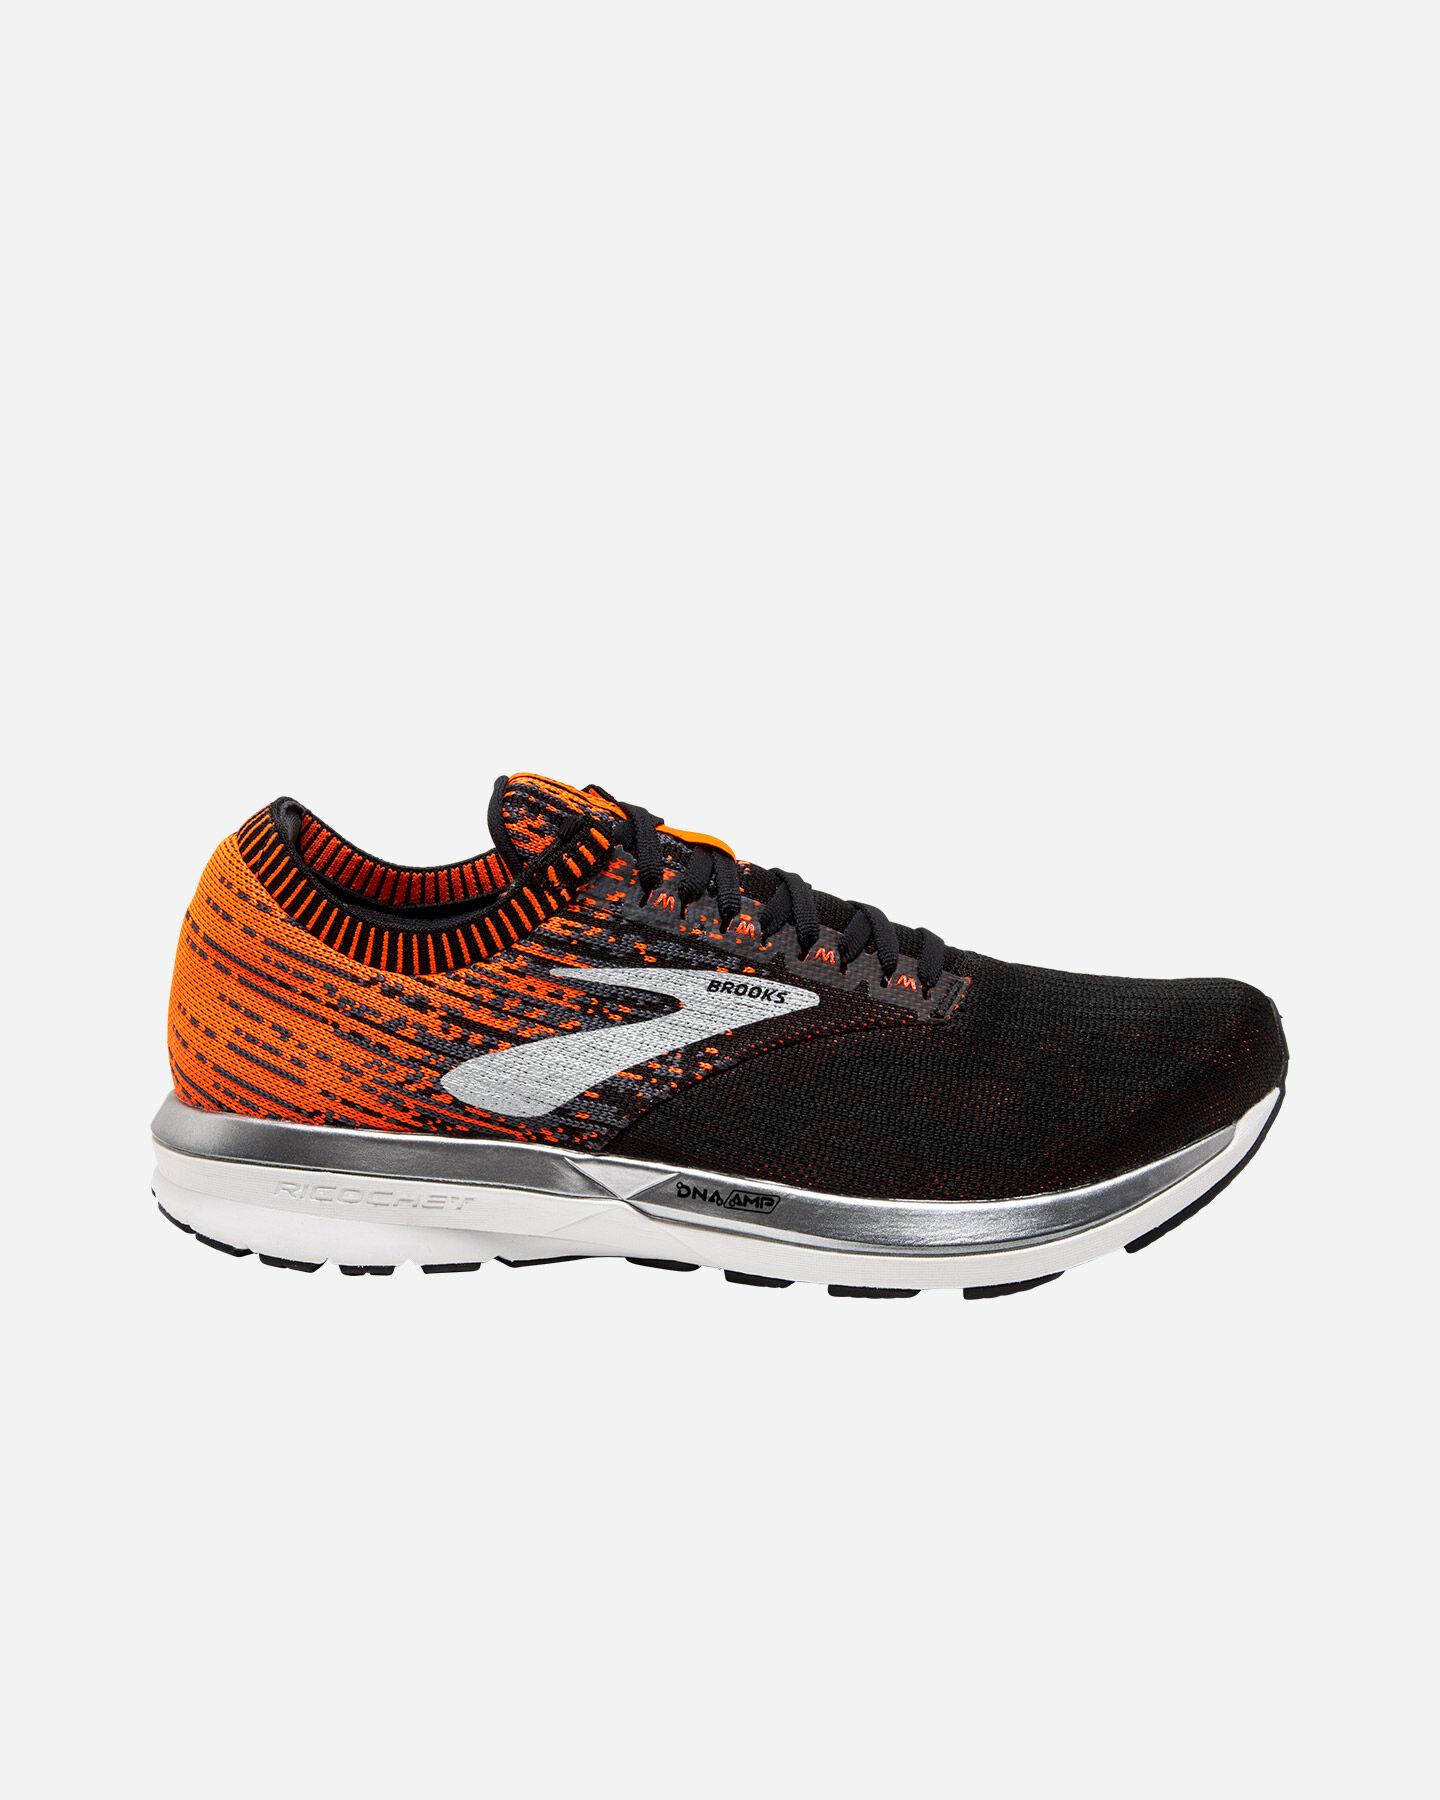 scarpe running a3 massimo ammortizzamento